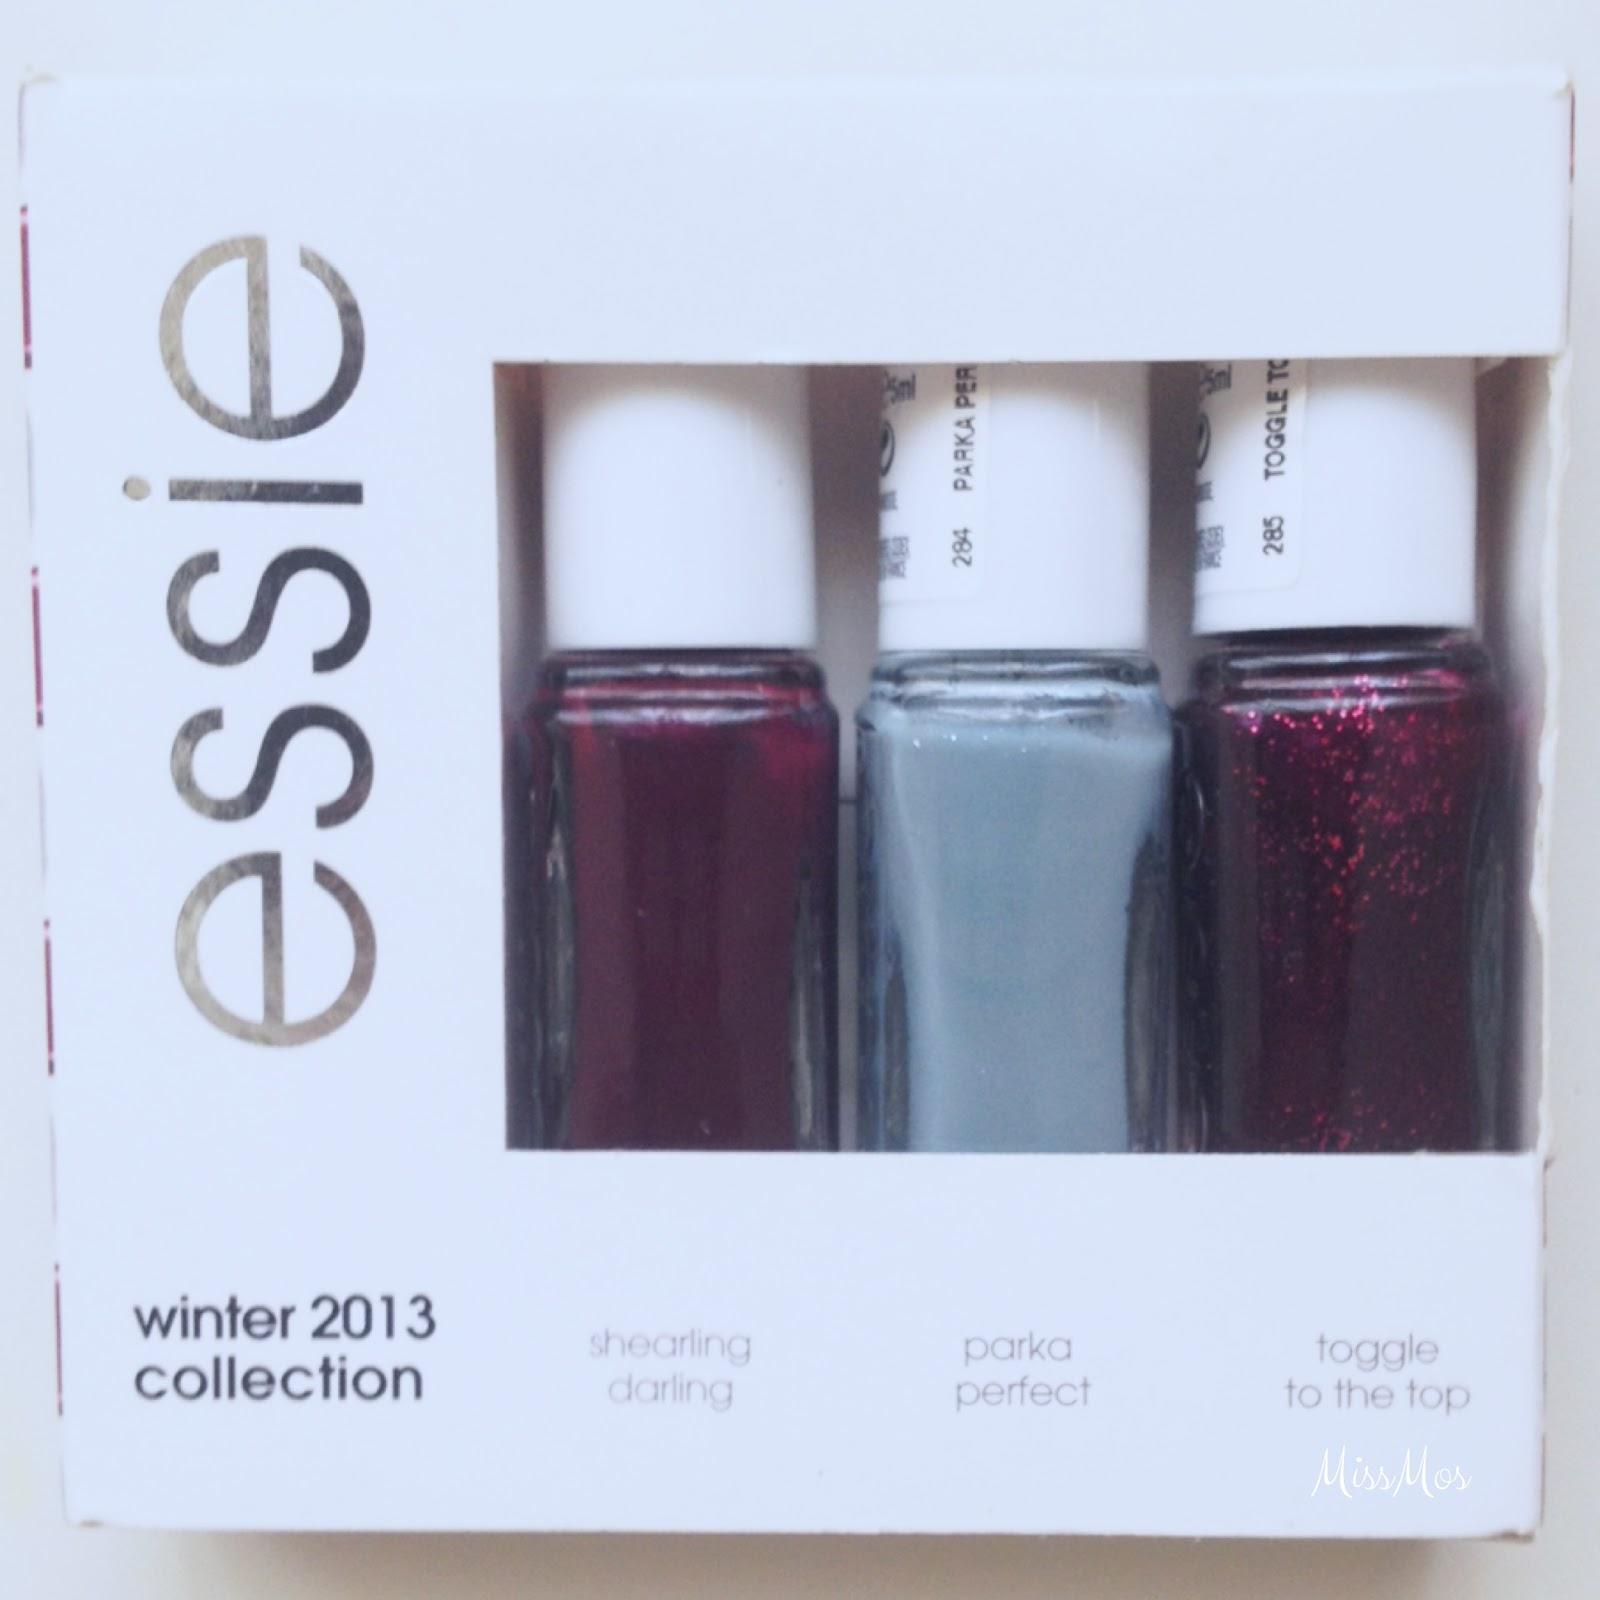 WINTER EDITION 2013 (Essie)